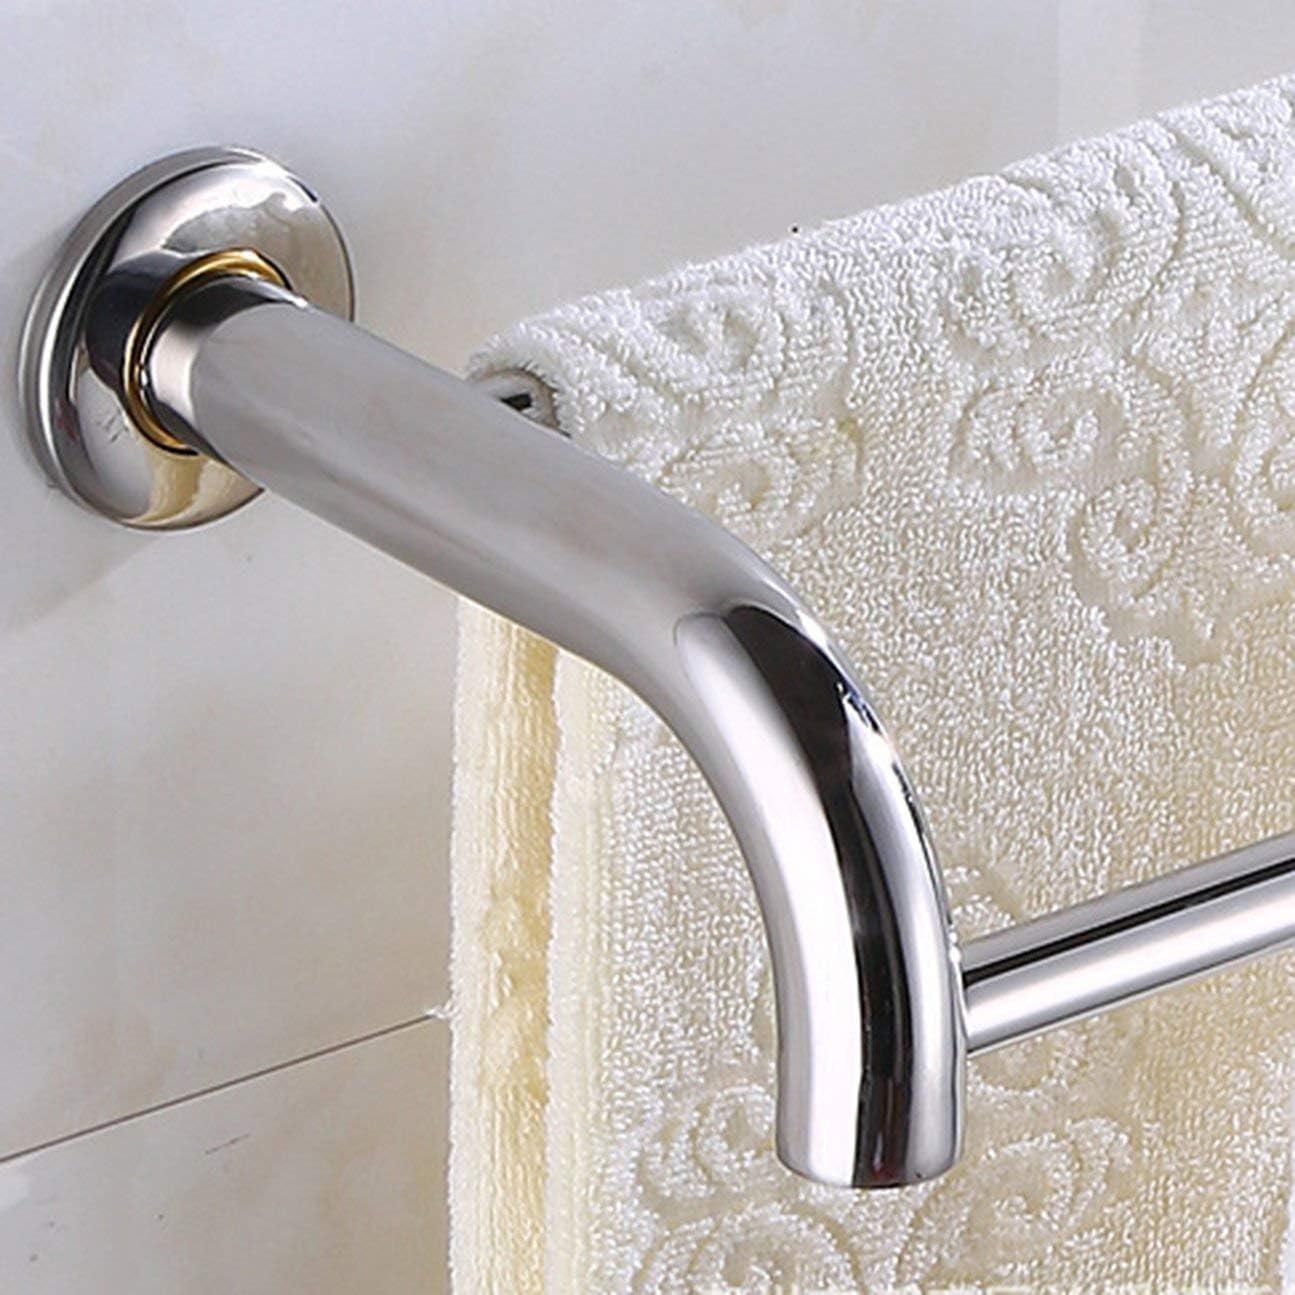 Porte-serviettes en acier inoxydable anti-rouille de salle de bains porte-serviette /étag/ère fix/é au mur gain de place double tige m/énage barre de suspension argent 50cm